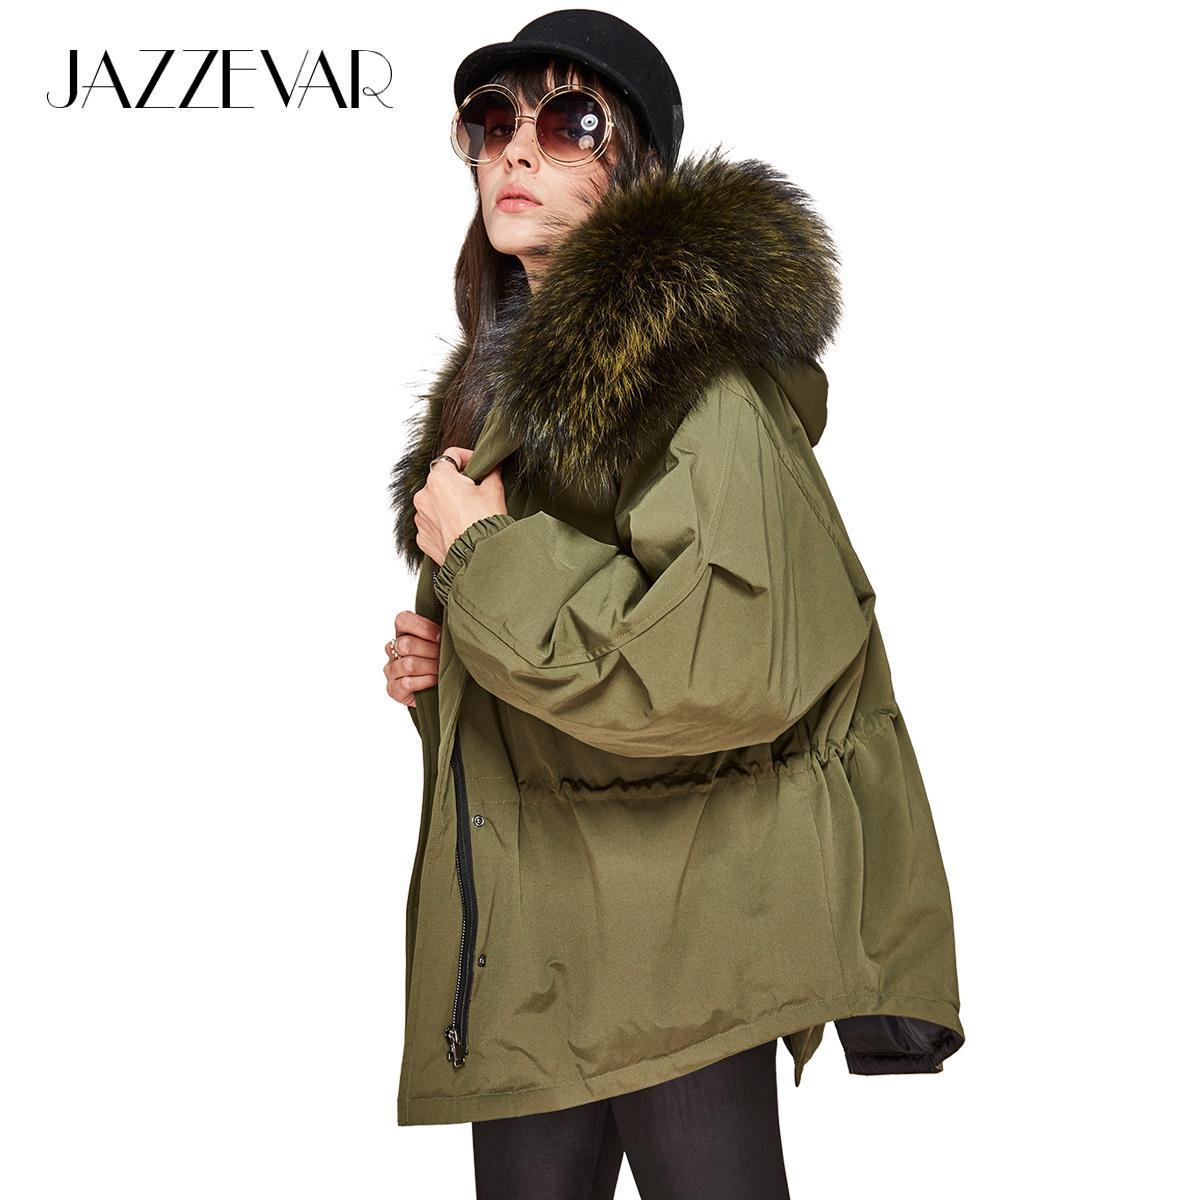 JAZZEVAR nouvelle mode hiver femmes doudoune oversize queue d'aronde 90% duvet de canard blanc manteau grande vraie fourrure de raton laveur Parka à capuche S18101301